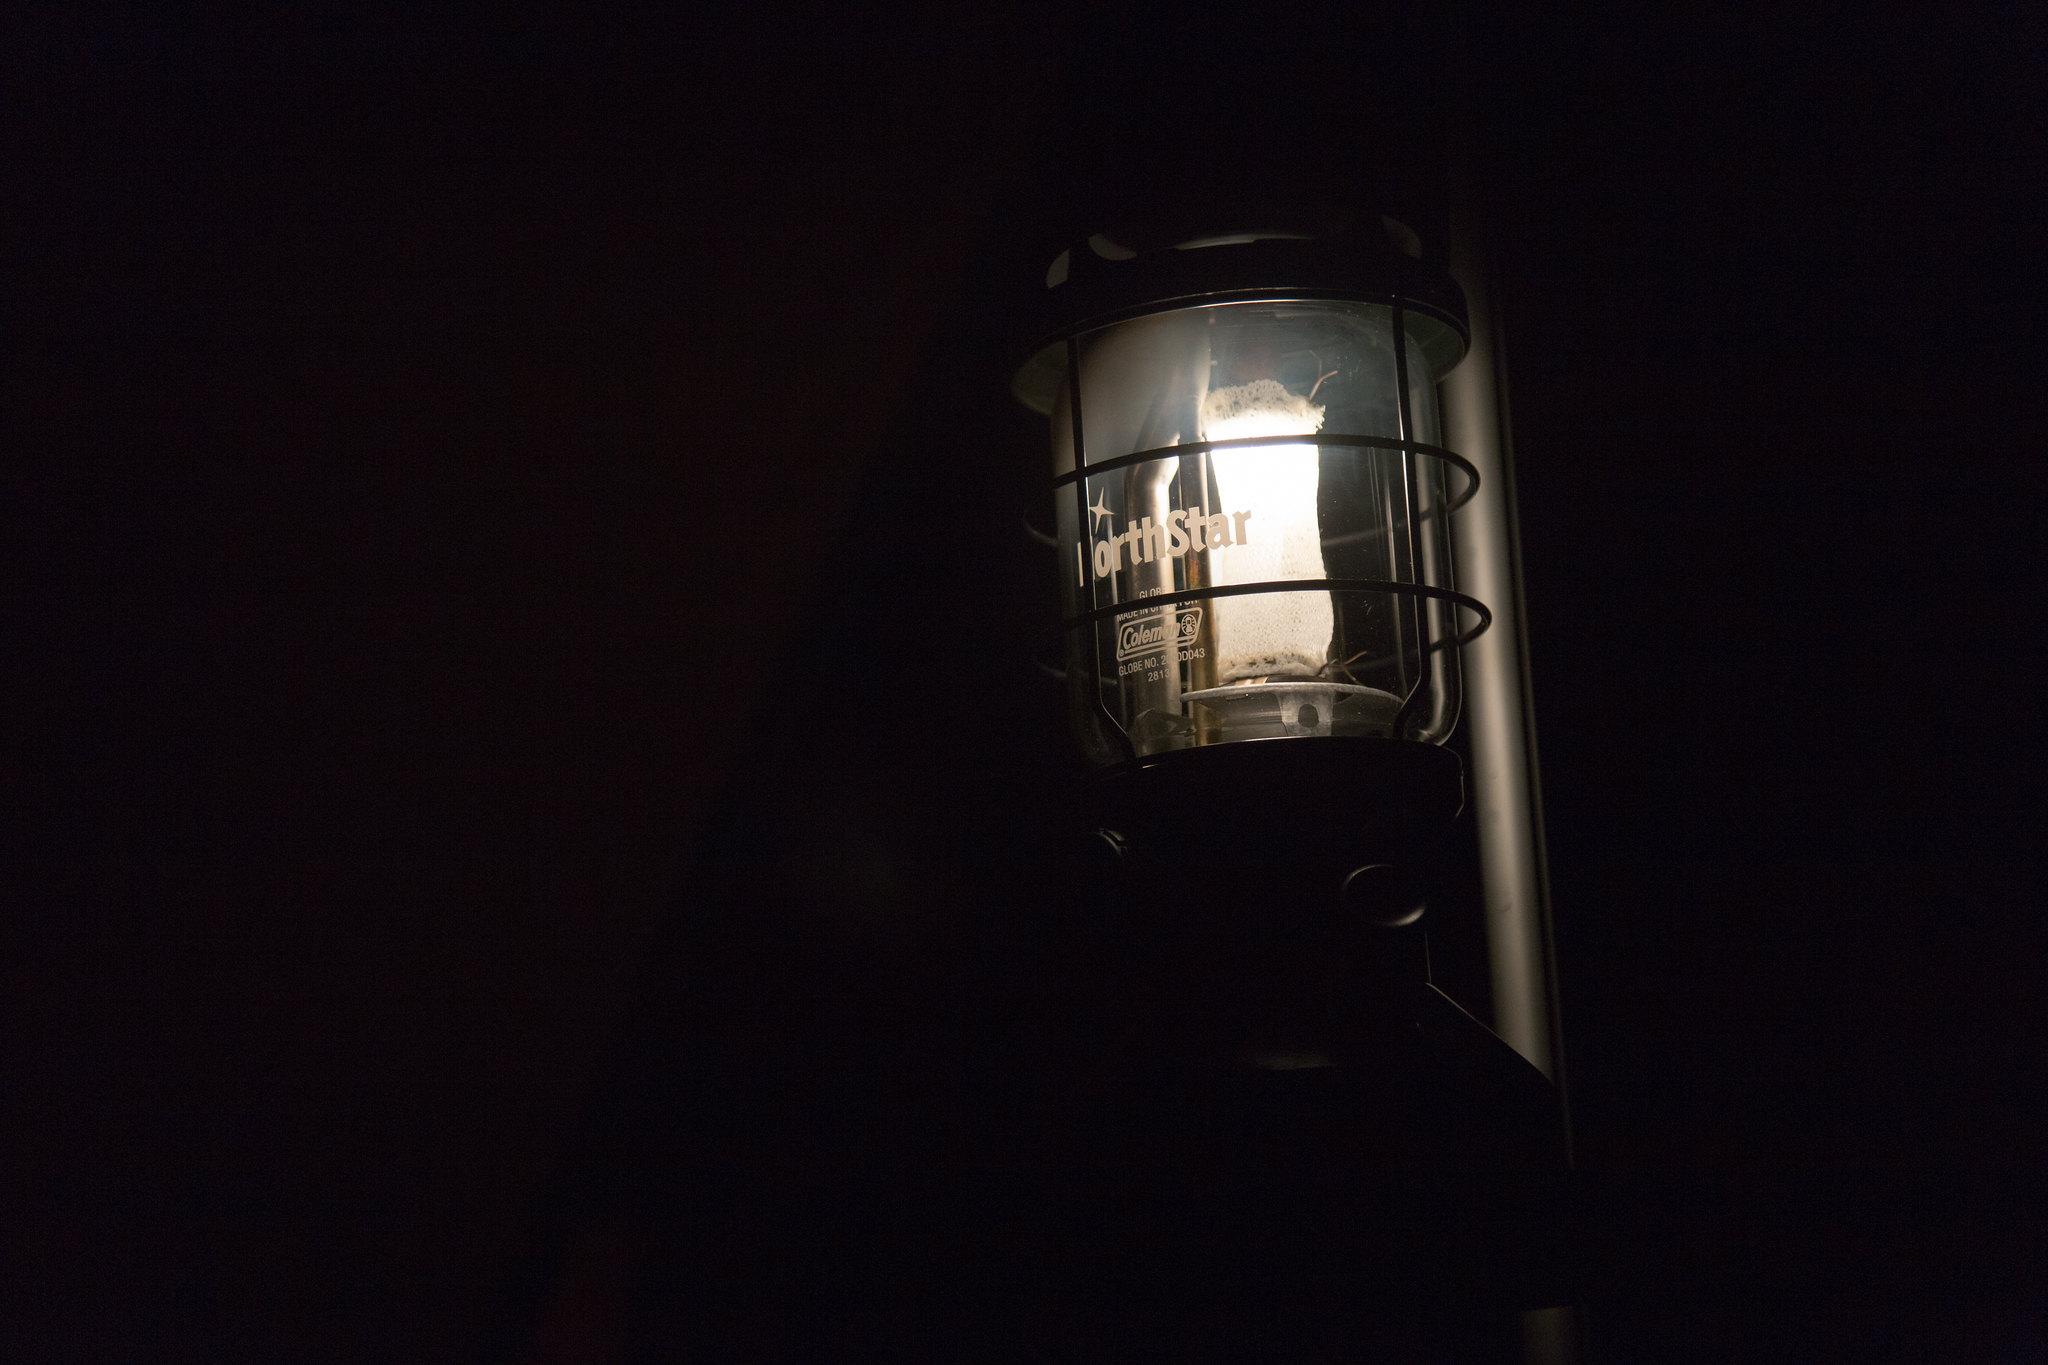 2014-10-25 あきる野 山田大橋キャンプ場一日目 202